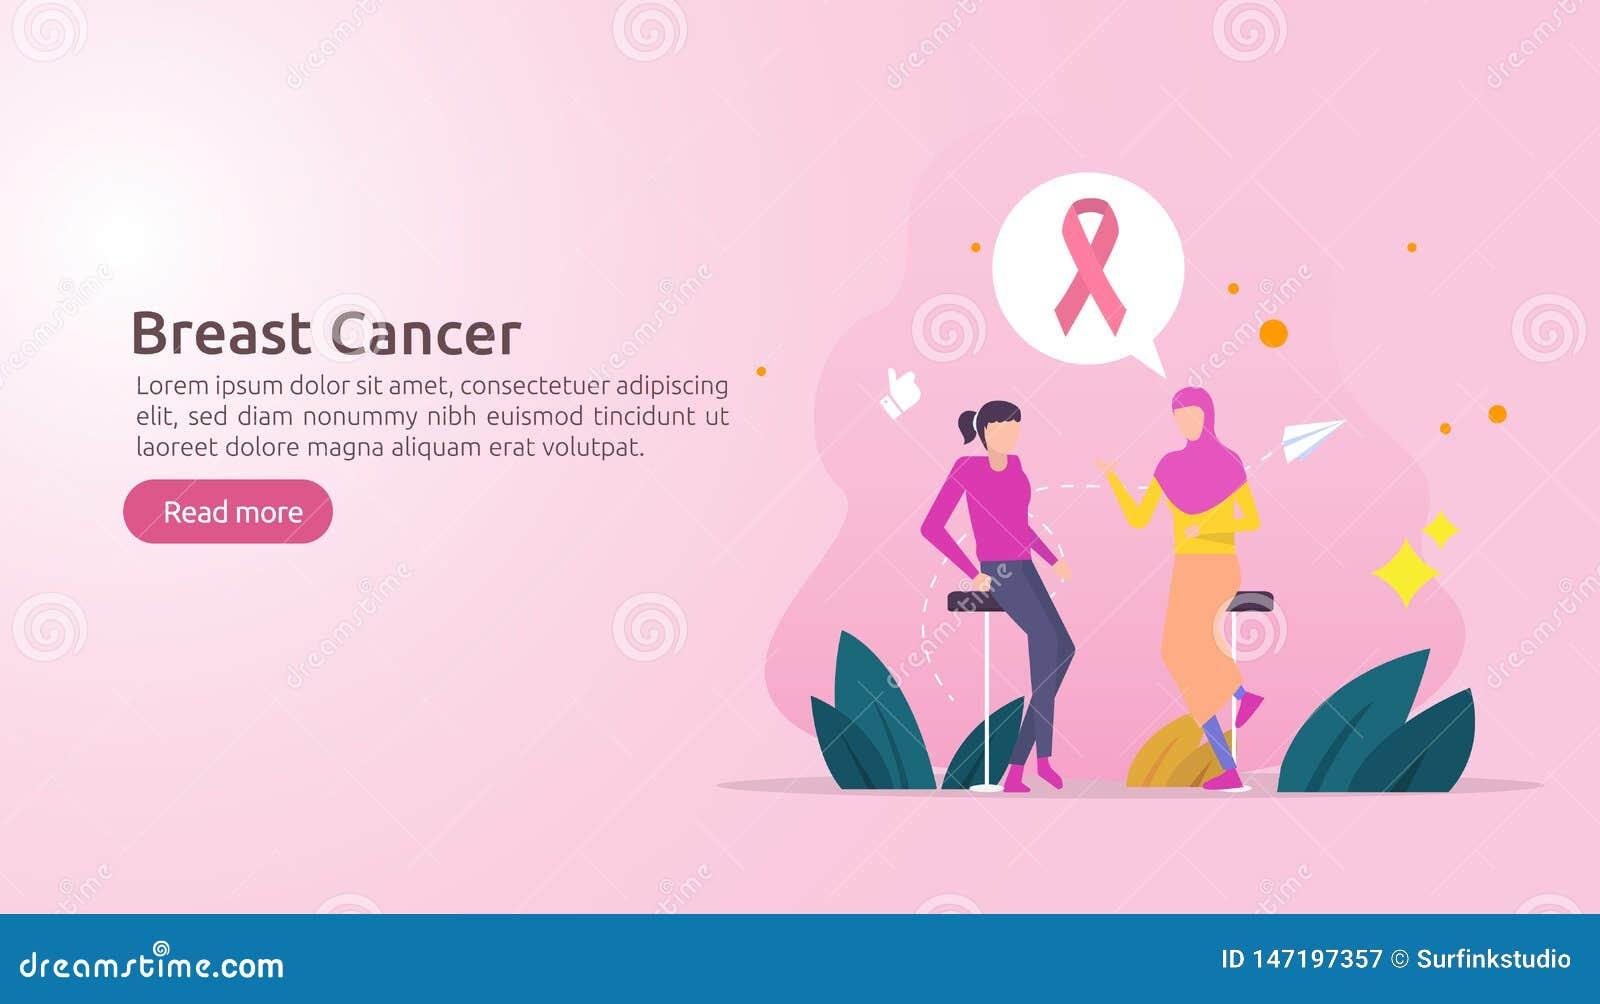 μήνας συνειδητοποίησης ημέρας καρκίνου του μαστού με τη ρόδινη κορδέλλα θηλυκή συζήτηση συζήτησης χαρακτήρα κινουμένων σχεδίων μα